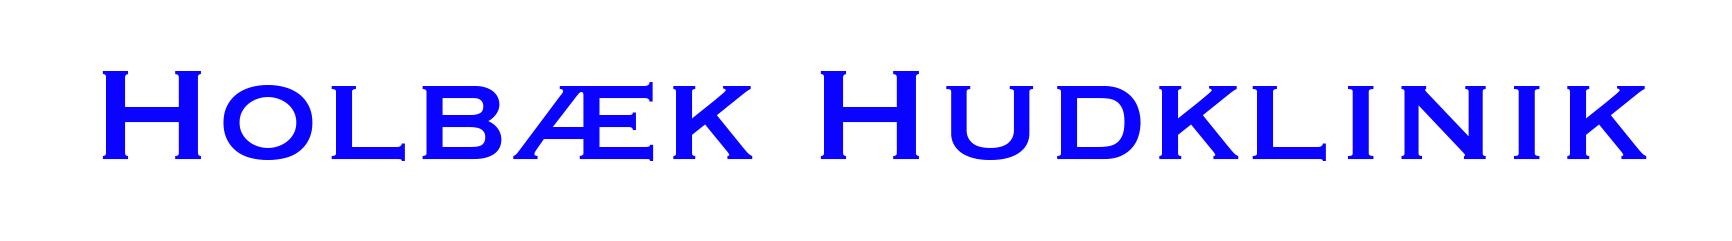 holbaek-hudklinik-logo